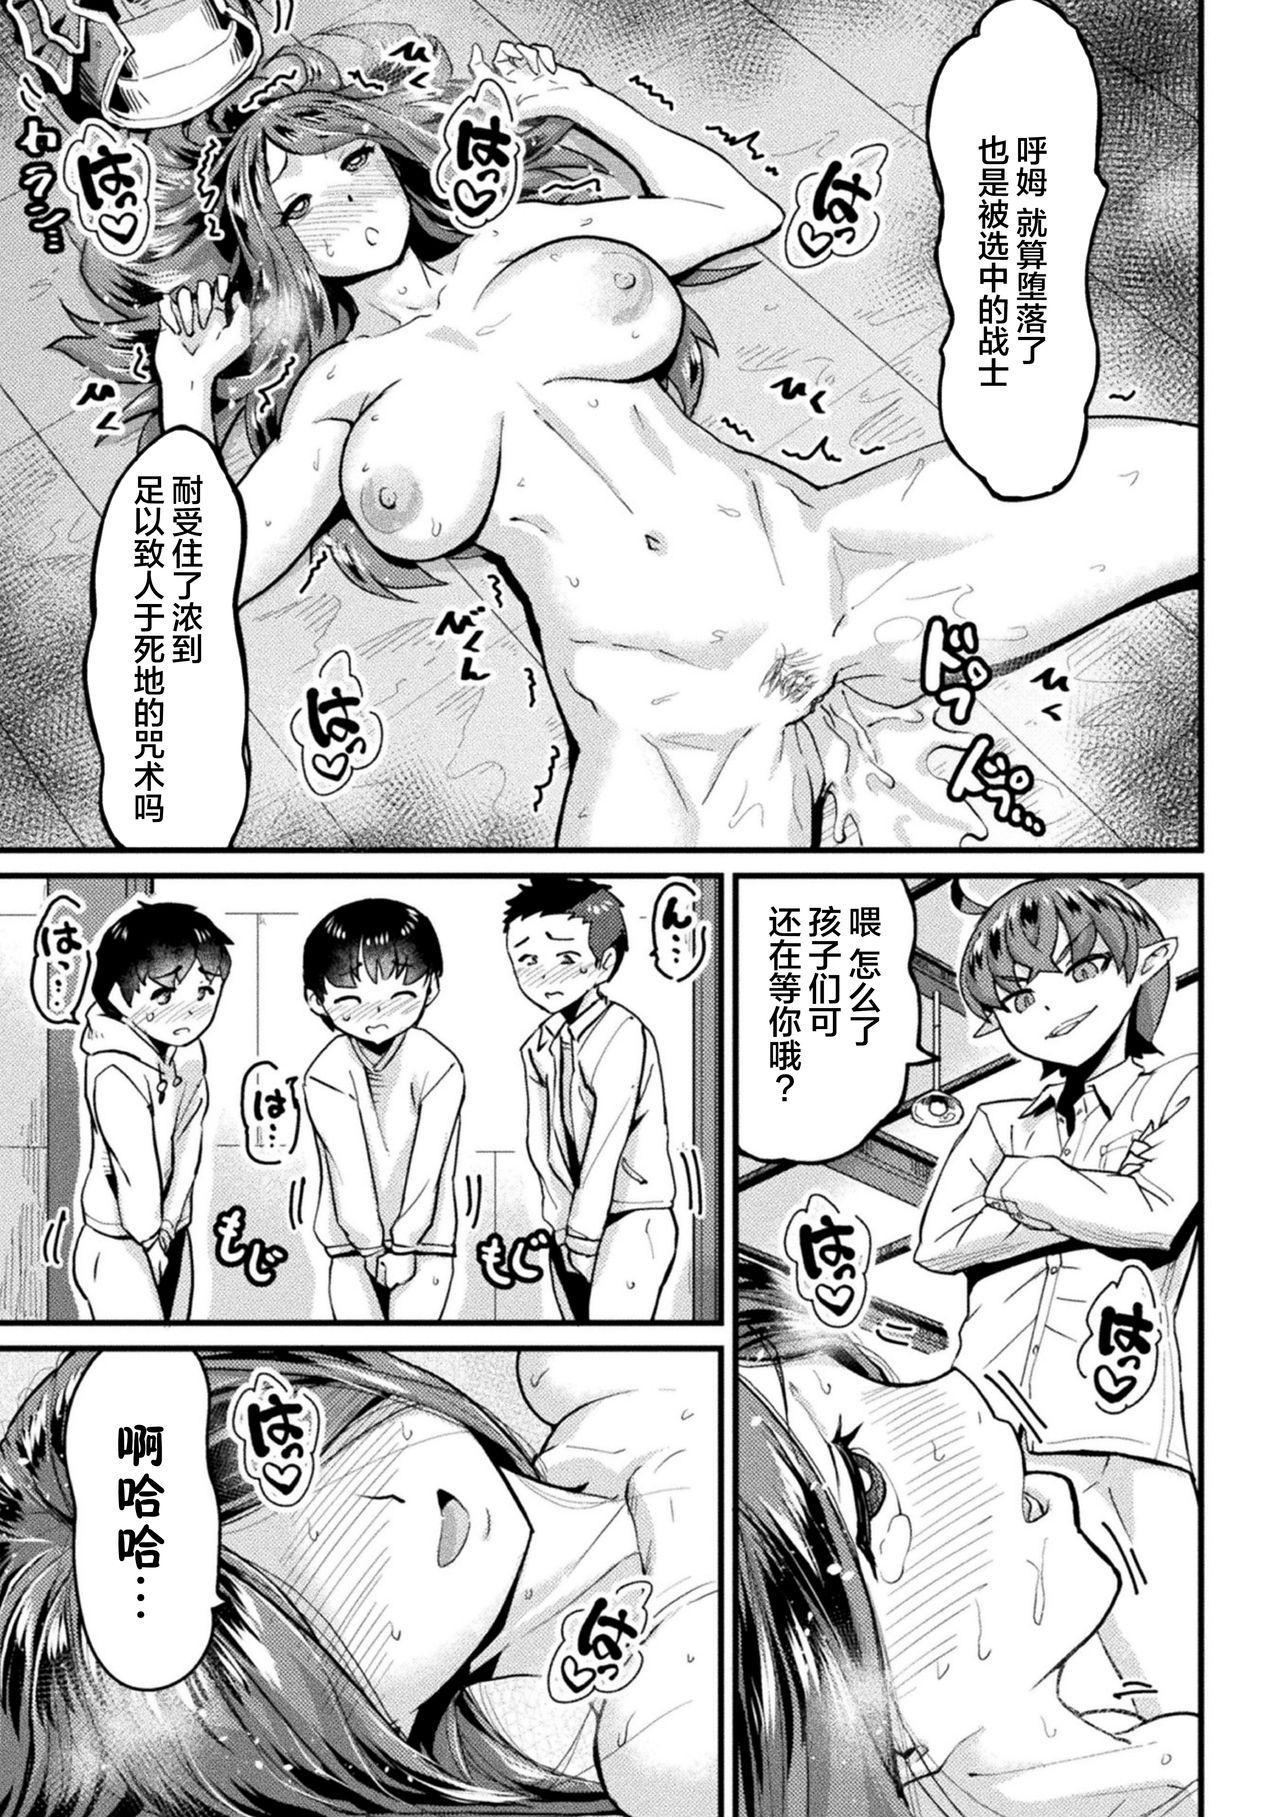 堕とされたピンク ~武術戦隊ファイトレンジャー~ 14